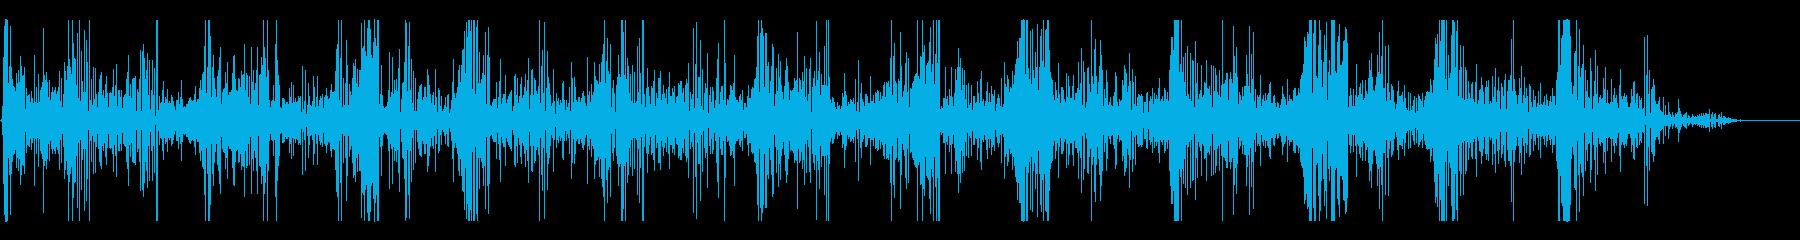 水中のブクブク音の再生済みの波形